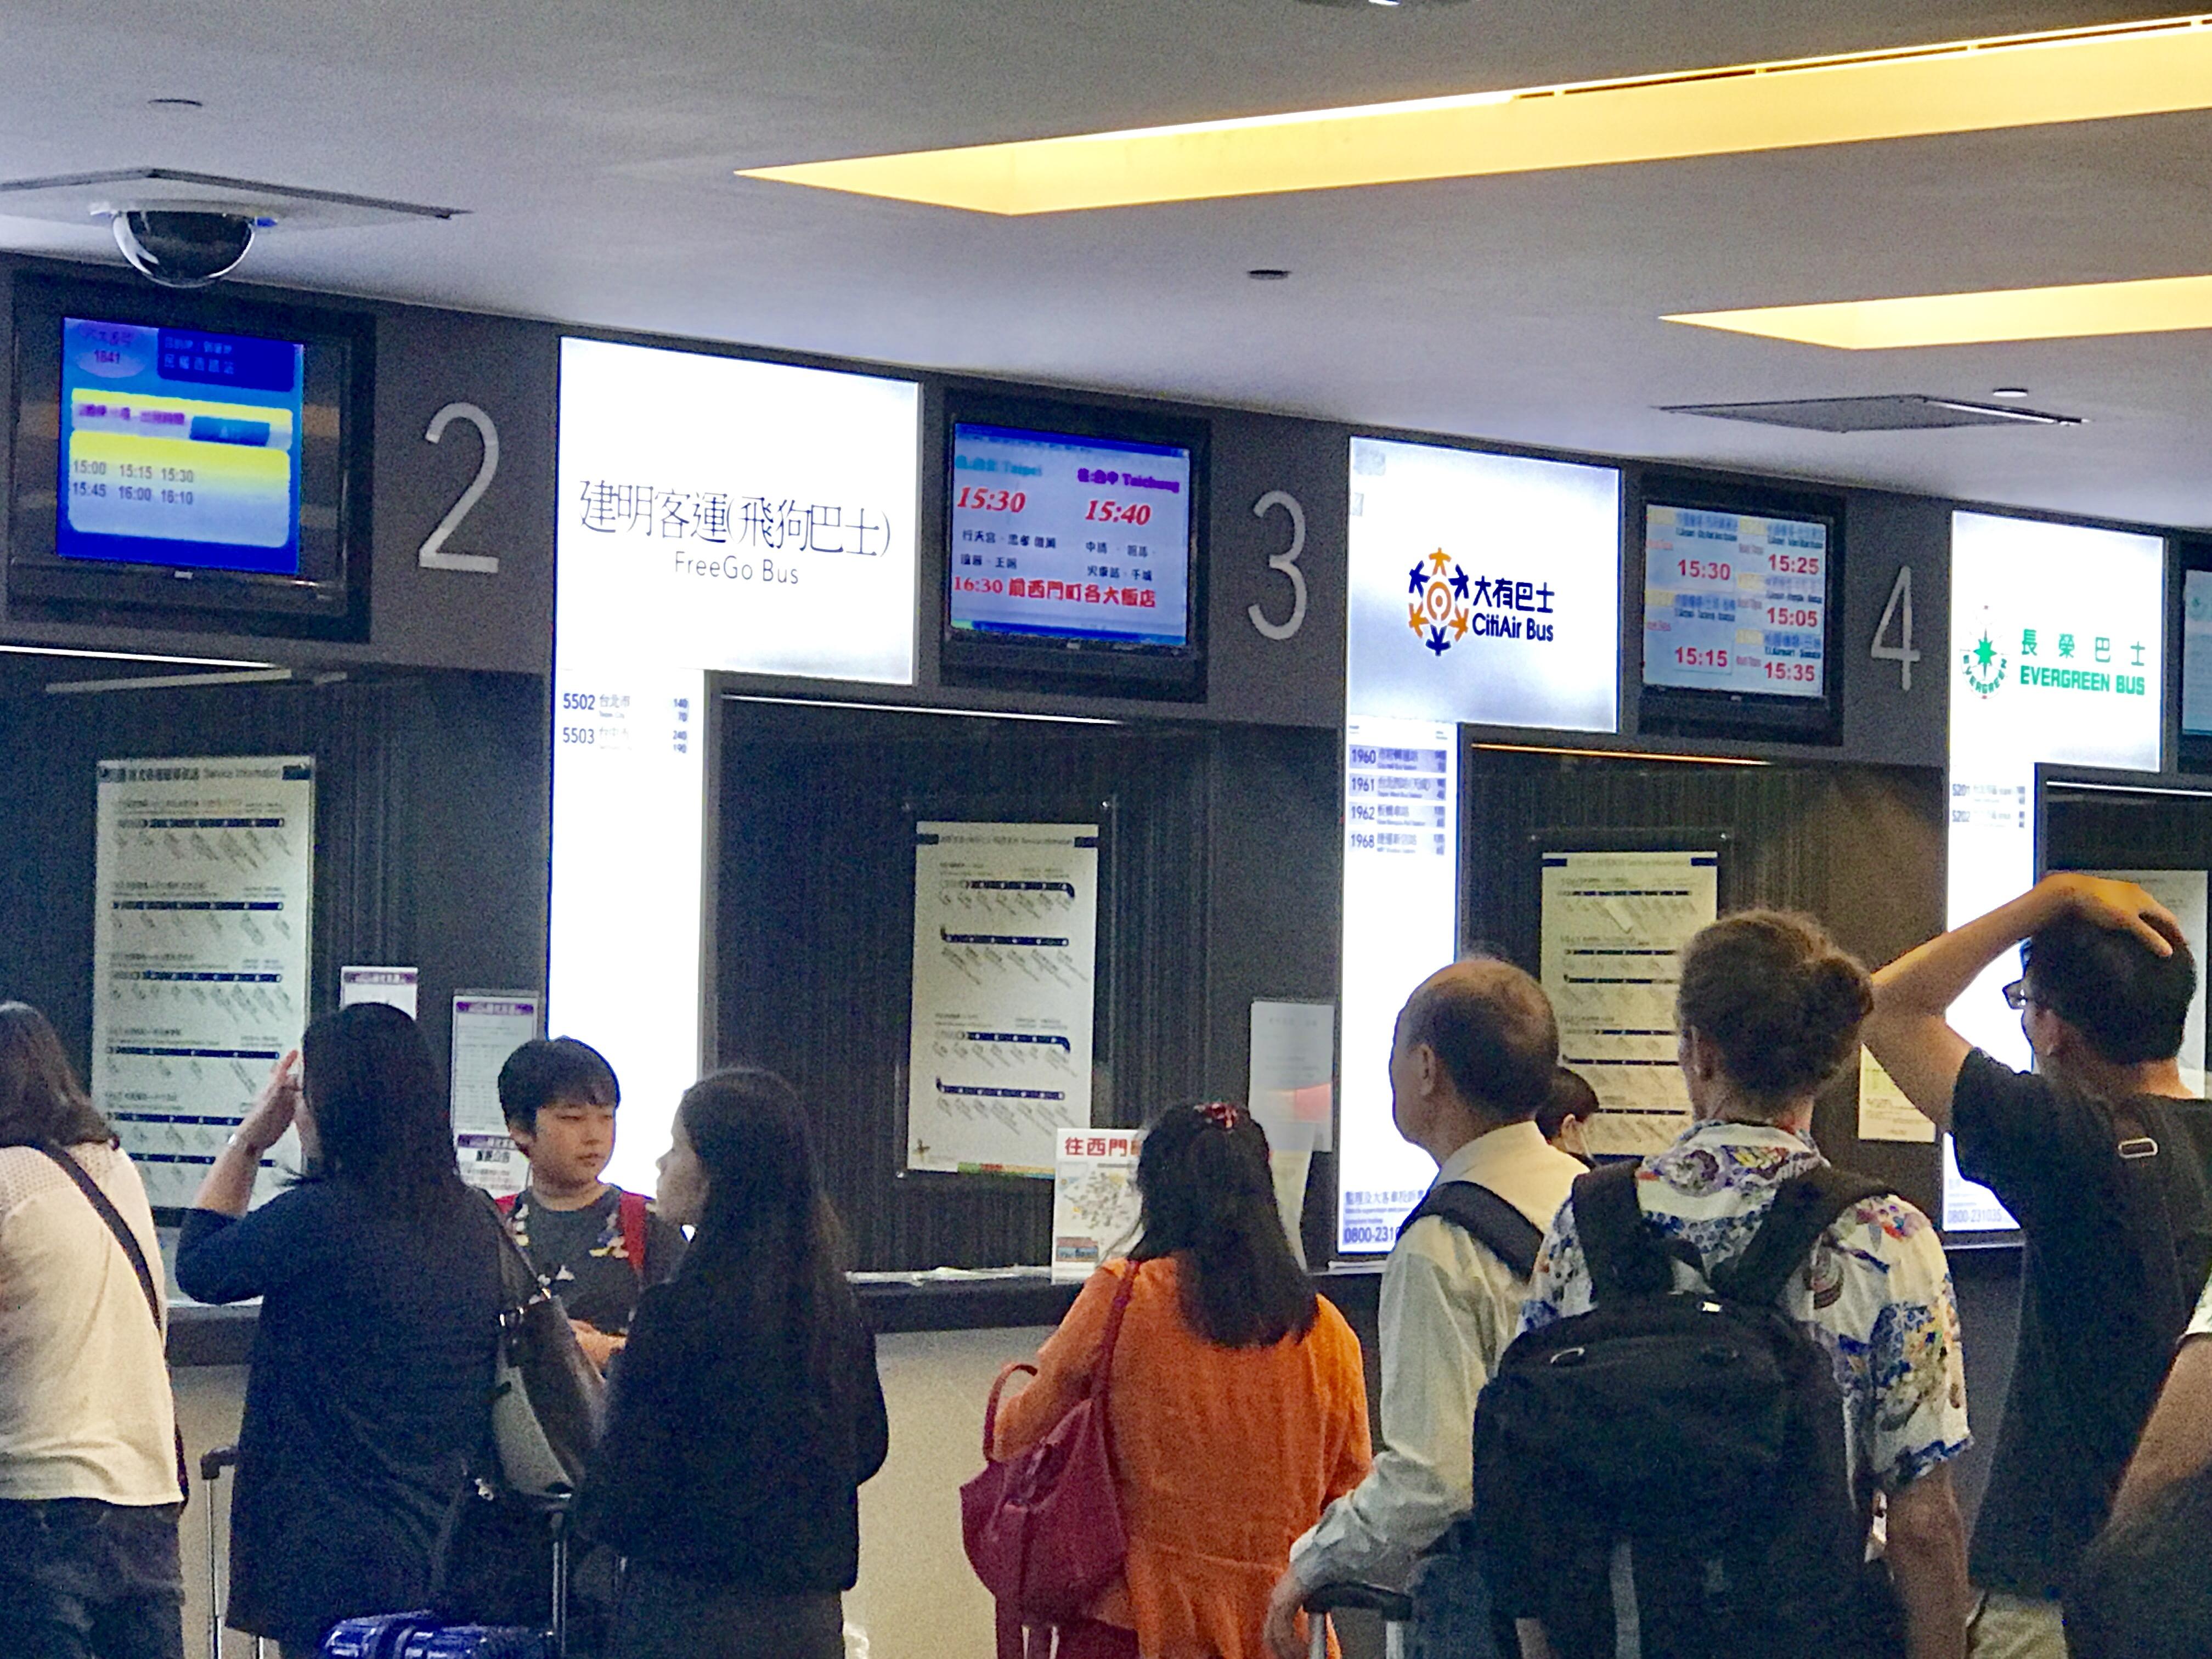 桃園空港からの移動-バスで台北駅へ-チケット売り場